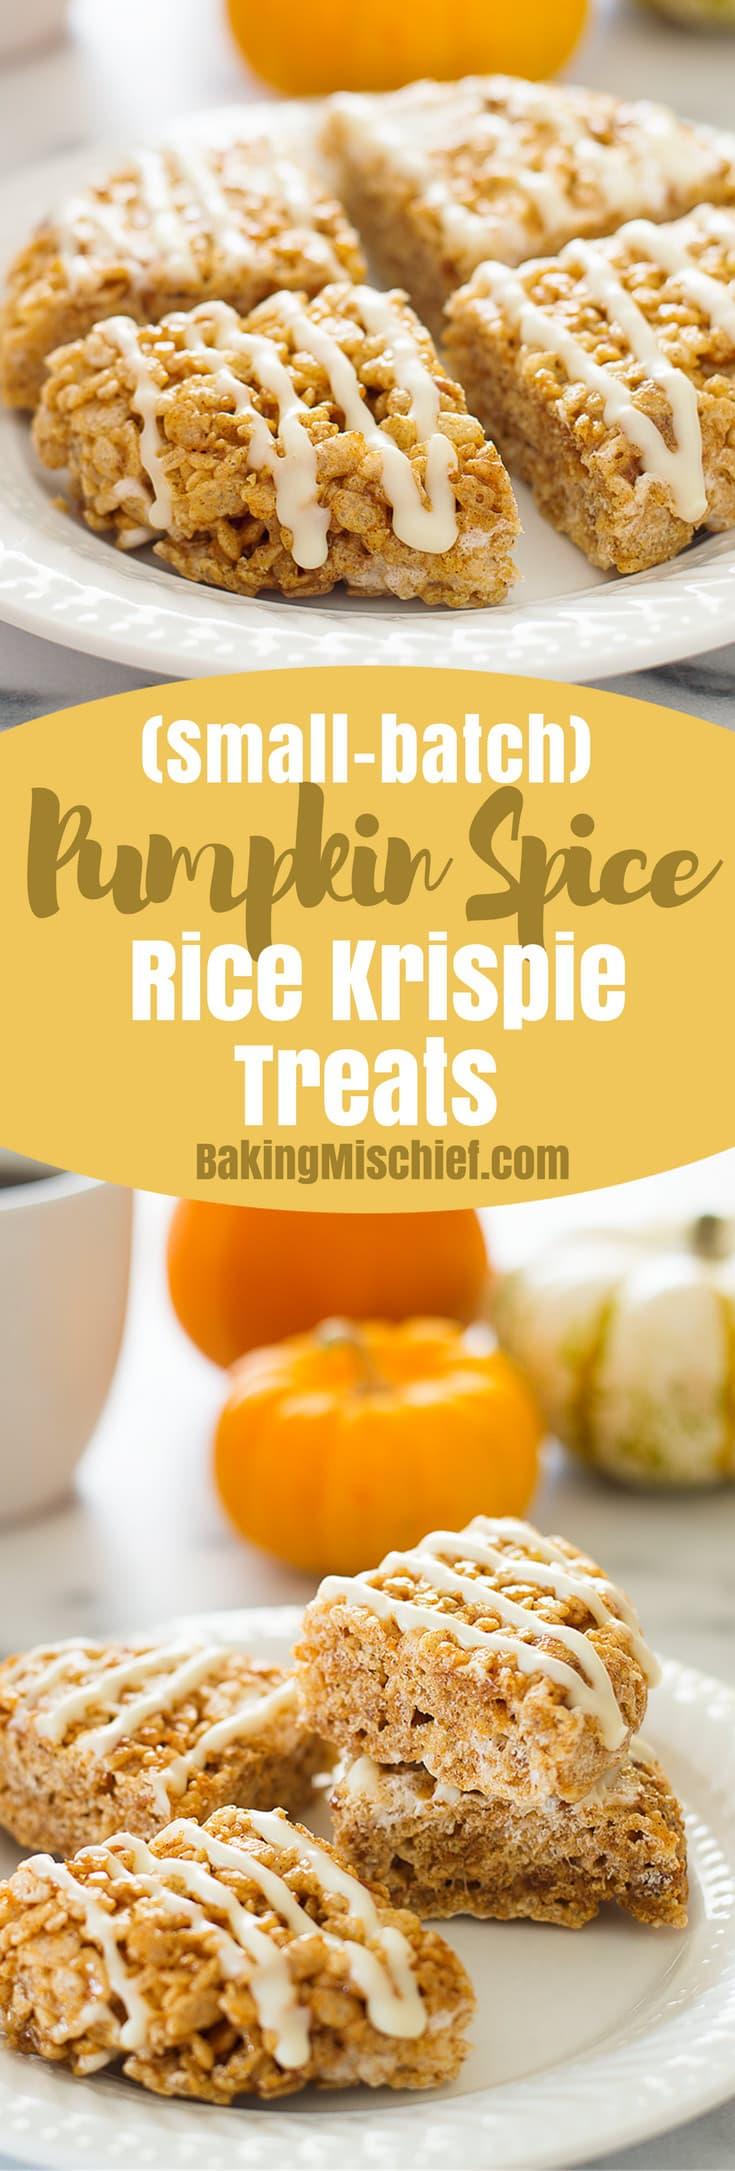 Small-batch Pumpkin Spice Rice Krispie Treats - Baking ...